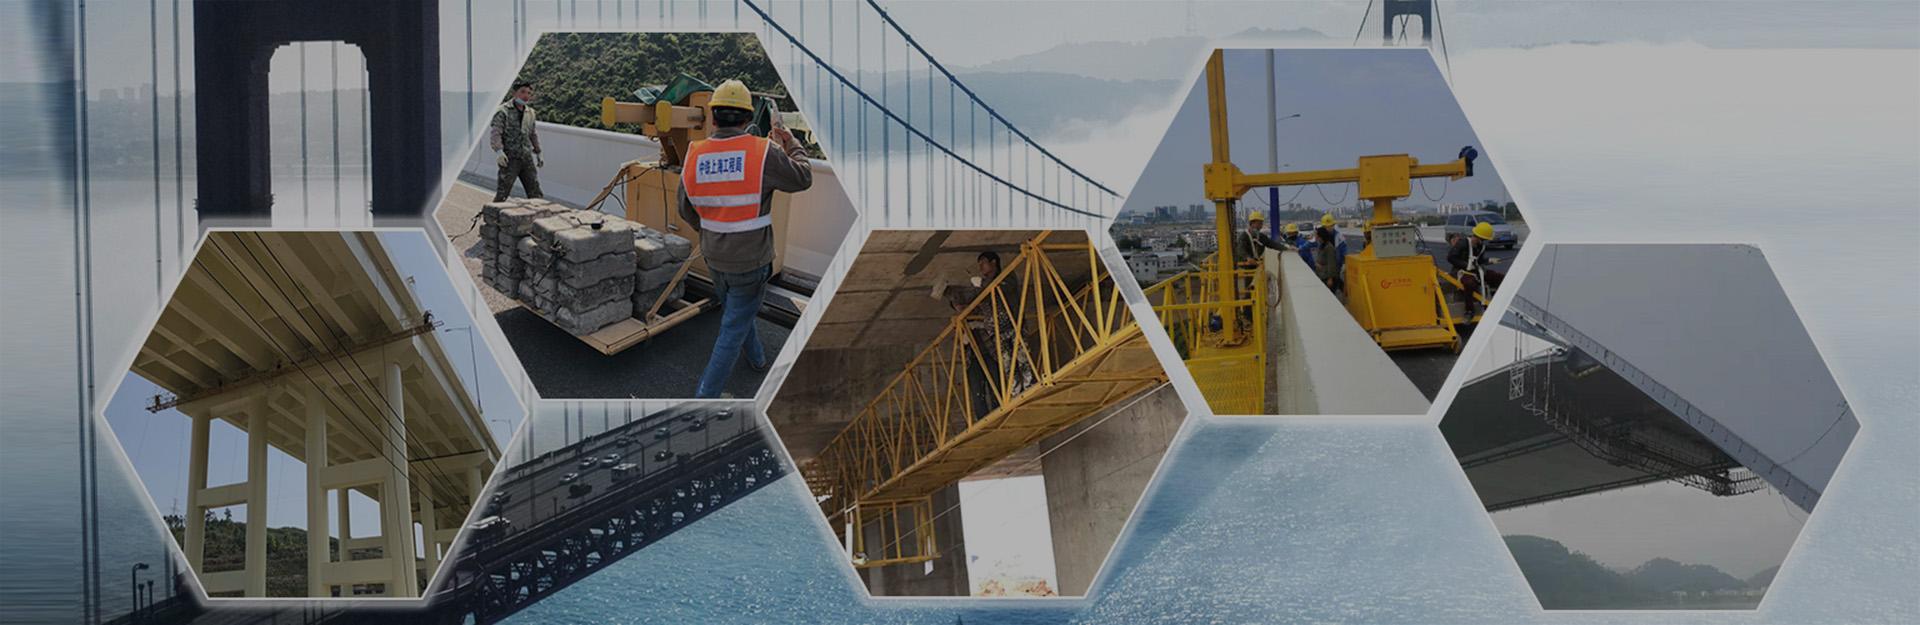 新型桥梁施工设备的行业先驱企业